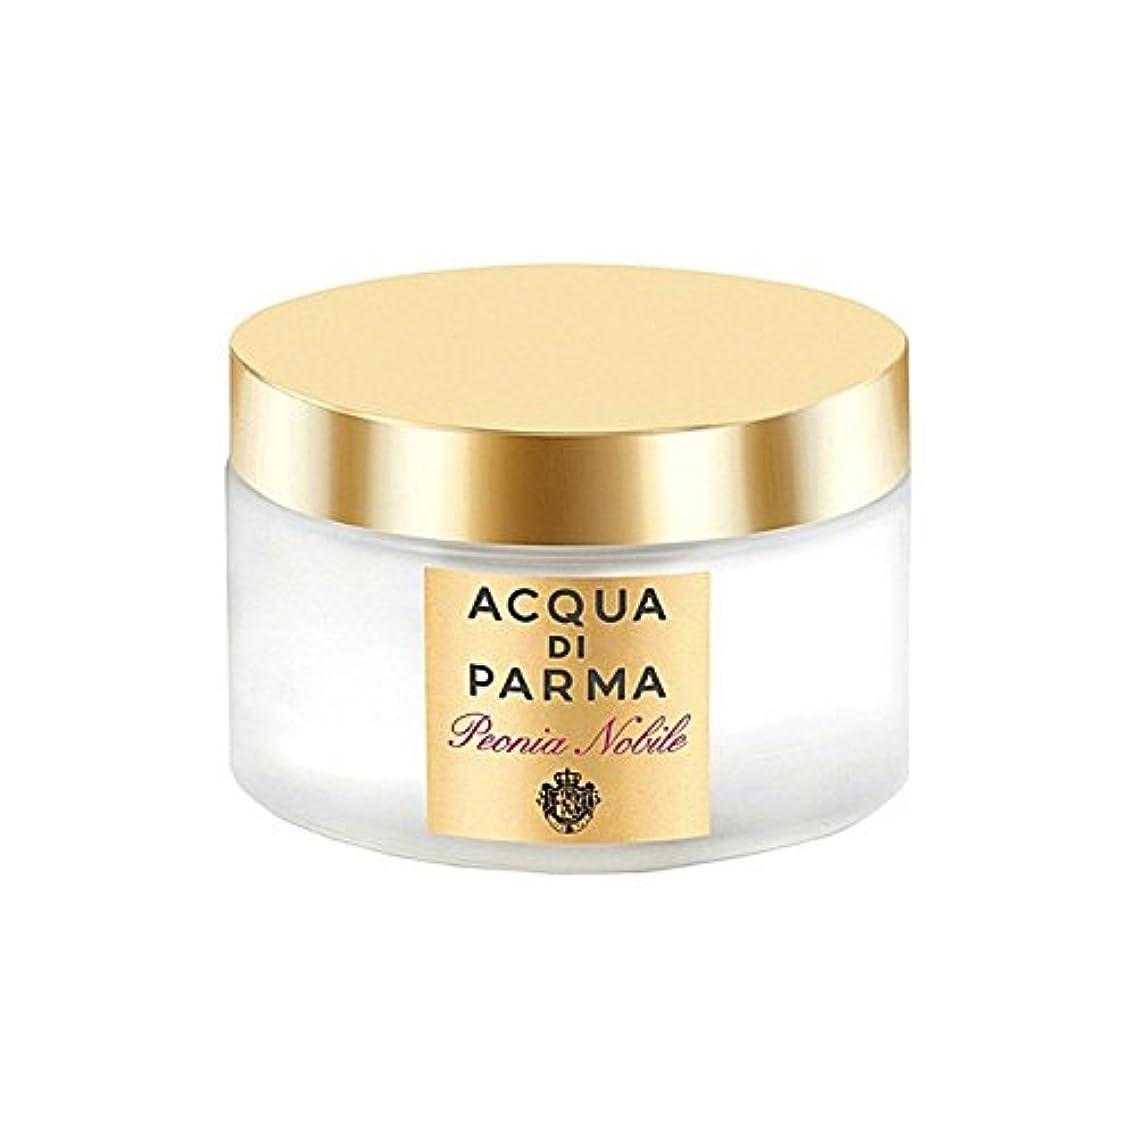 細い簡潔な緯度Acqua Di Parma Peonia Nobile Body Cream 150ml (Pack of 6) - アクアディパルマノビレボディクリーム150ミリリットル x6 [並行輸入品]